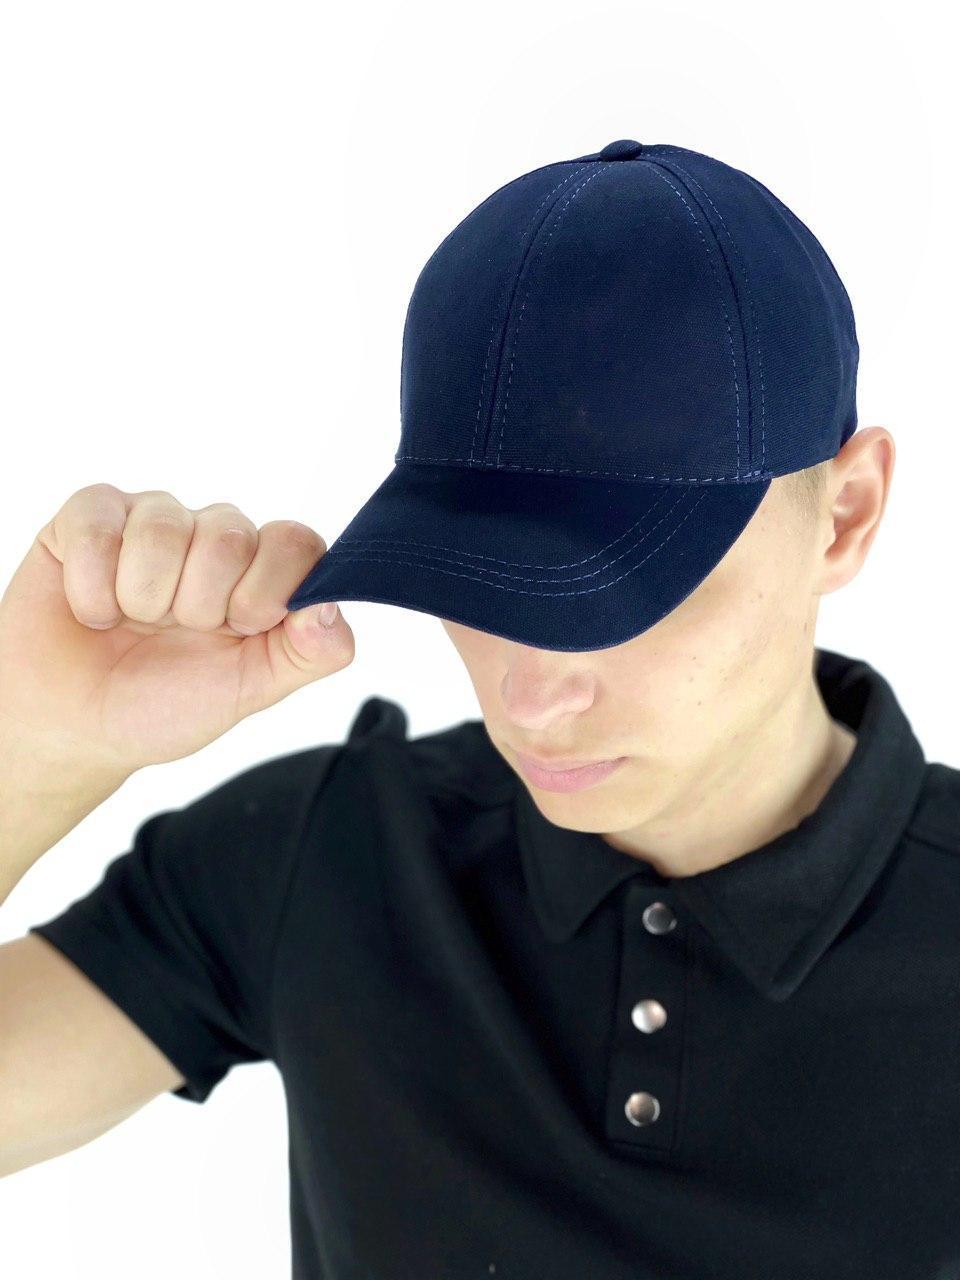 Кепка мужская/ женская Intruder без лого синяя Intruder